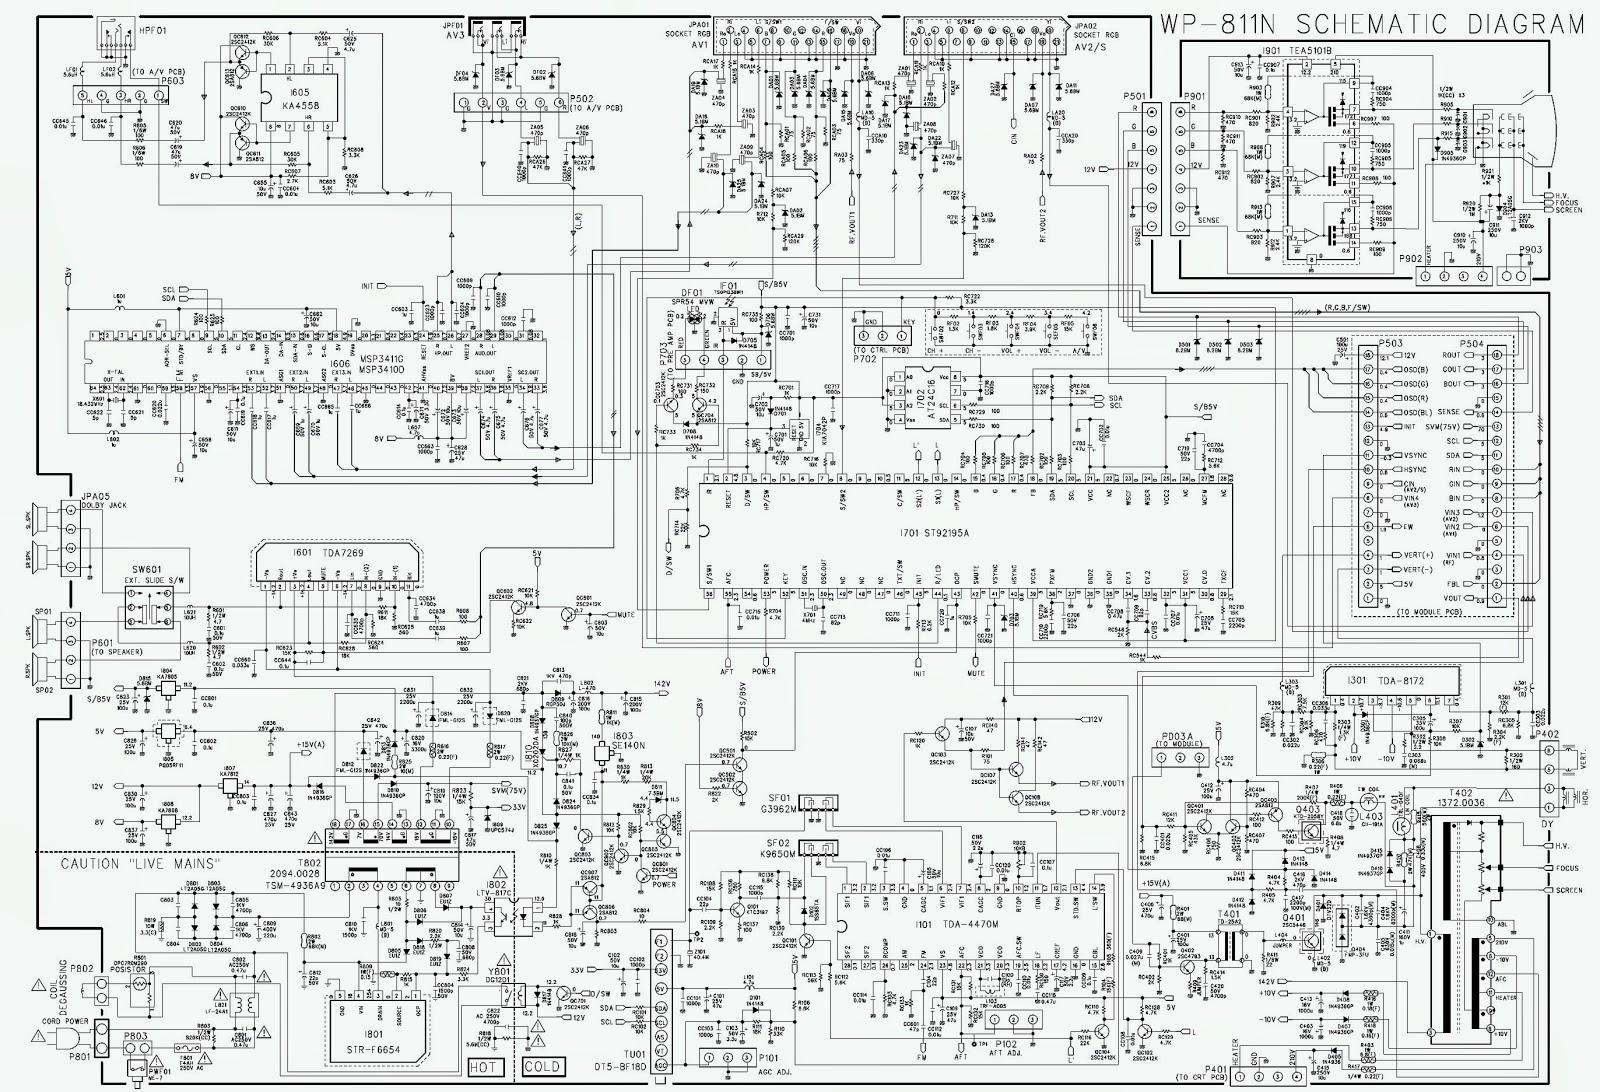 daewoo electrical wiring diagrams [ 1600 x 1092 Pixel ]